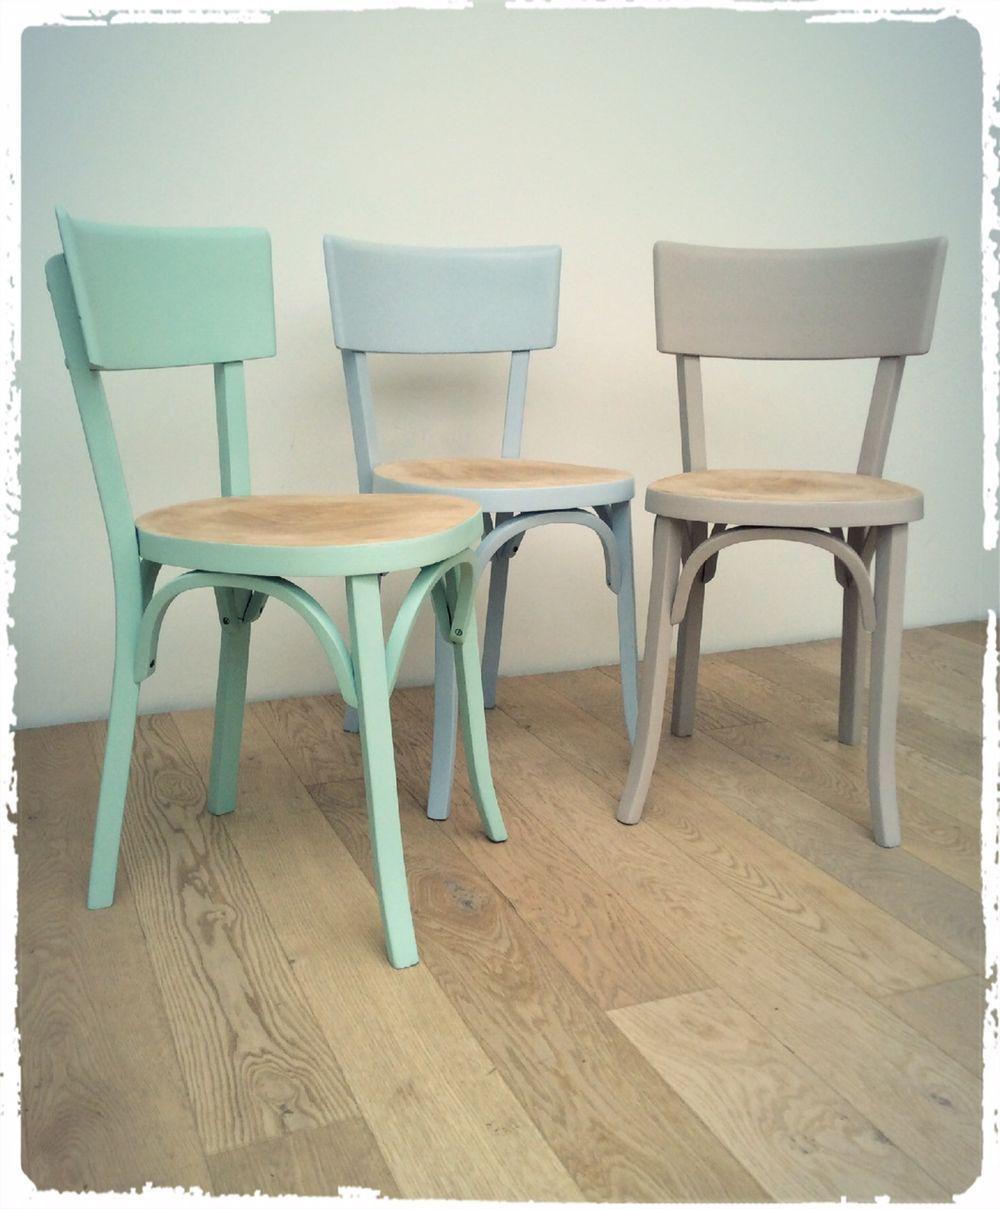 les 25 meilleures id es de la cat gorie chaise cuisine sur pinterest chaise contemporaine. Black Bedroom Furniture Sets. Home Design Ideas